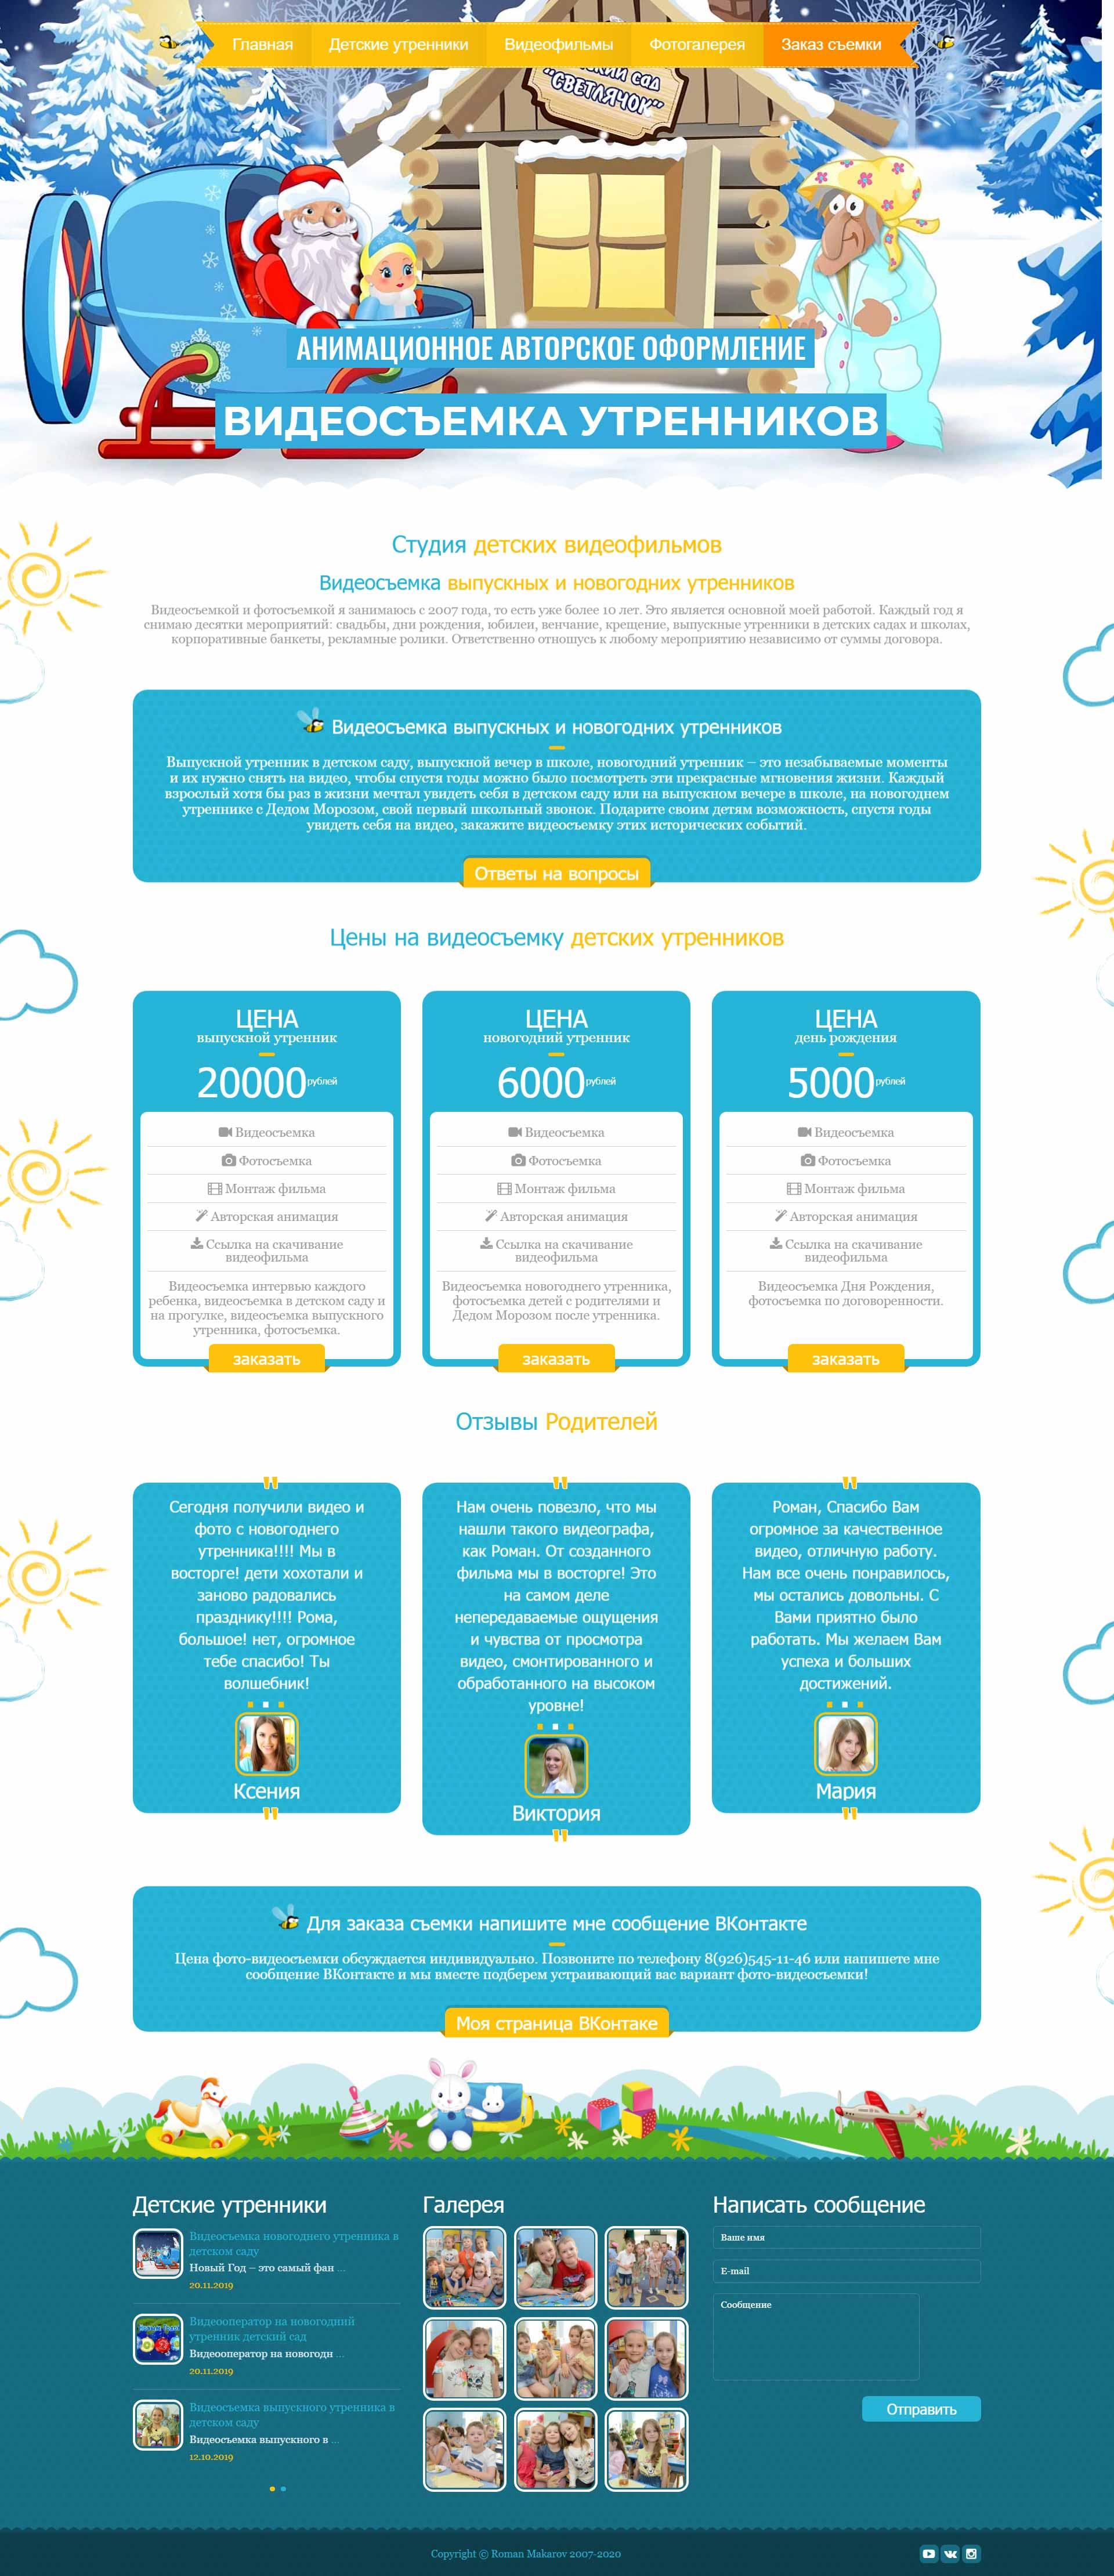 разработка сайтов, создание сайтов, продвижение сайтов